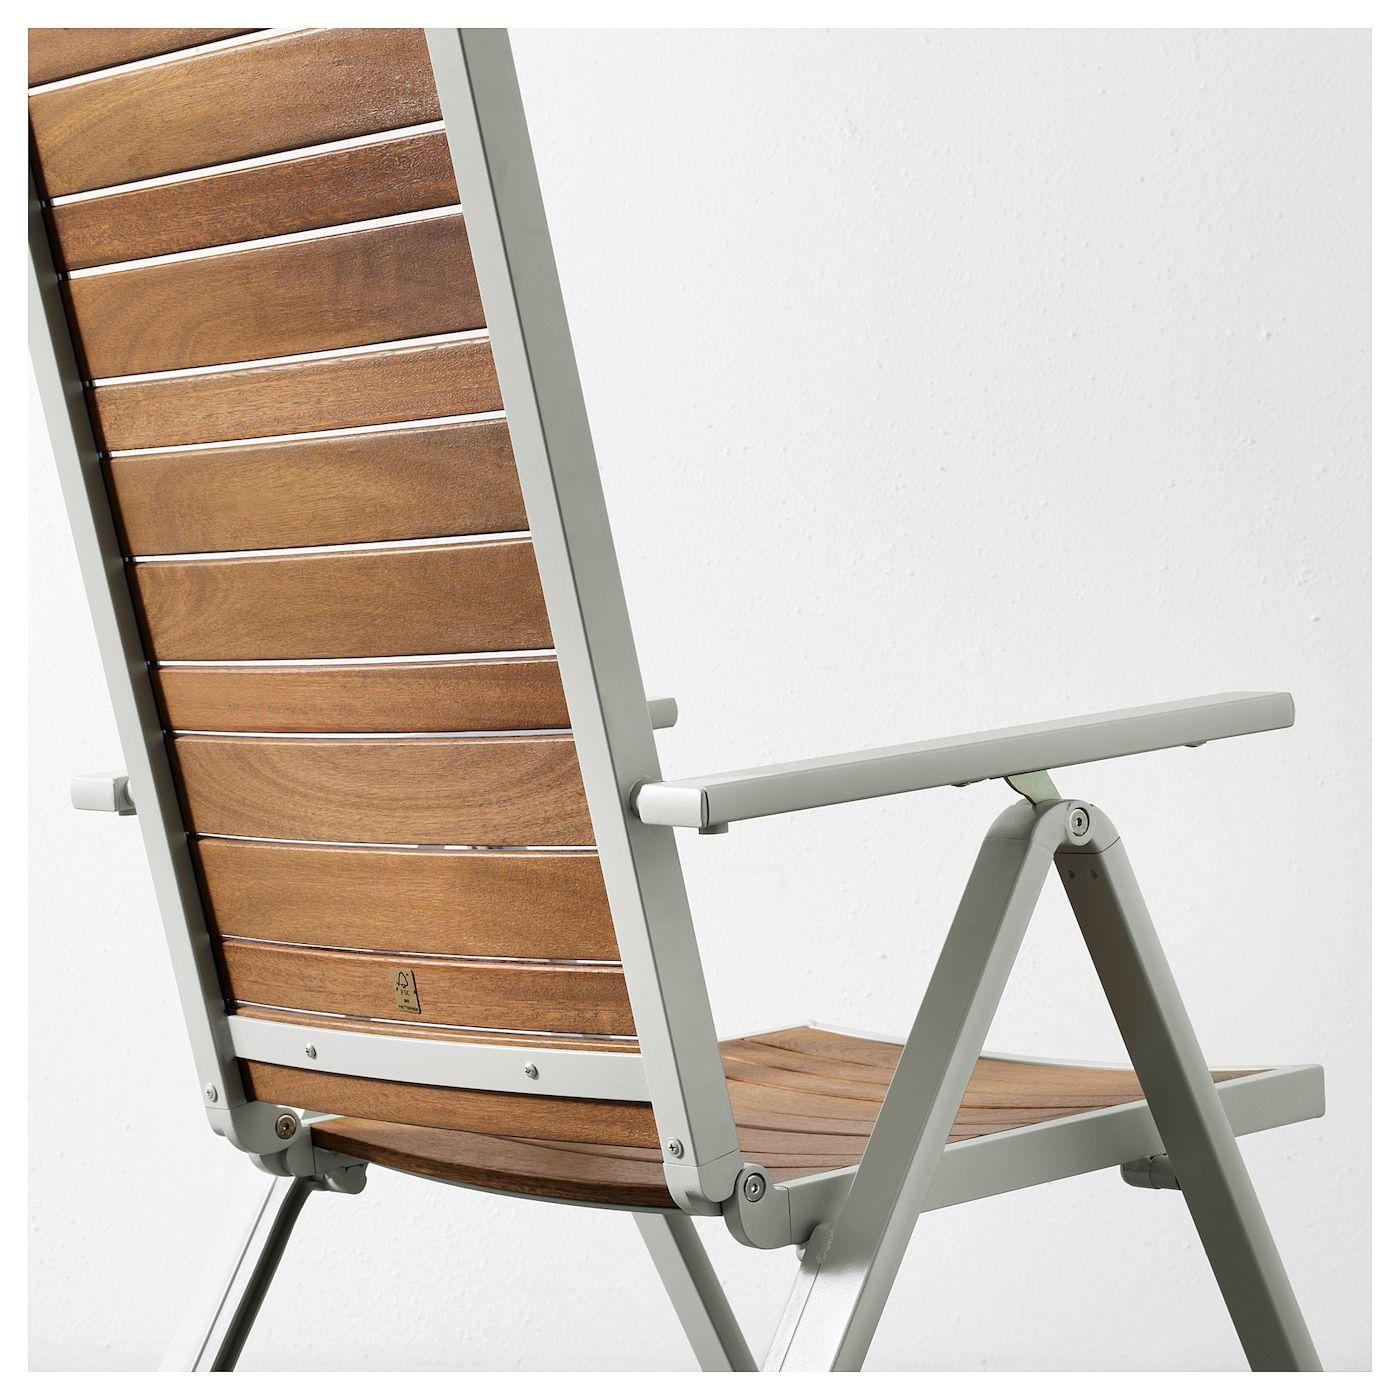 Sjalland Reclining Chair Outdoor Light Gray Foldable Light Brown Relaxliege Aussenmobel Gartenmobel Sets